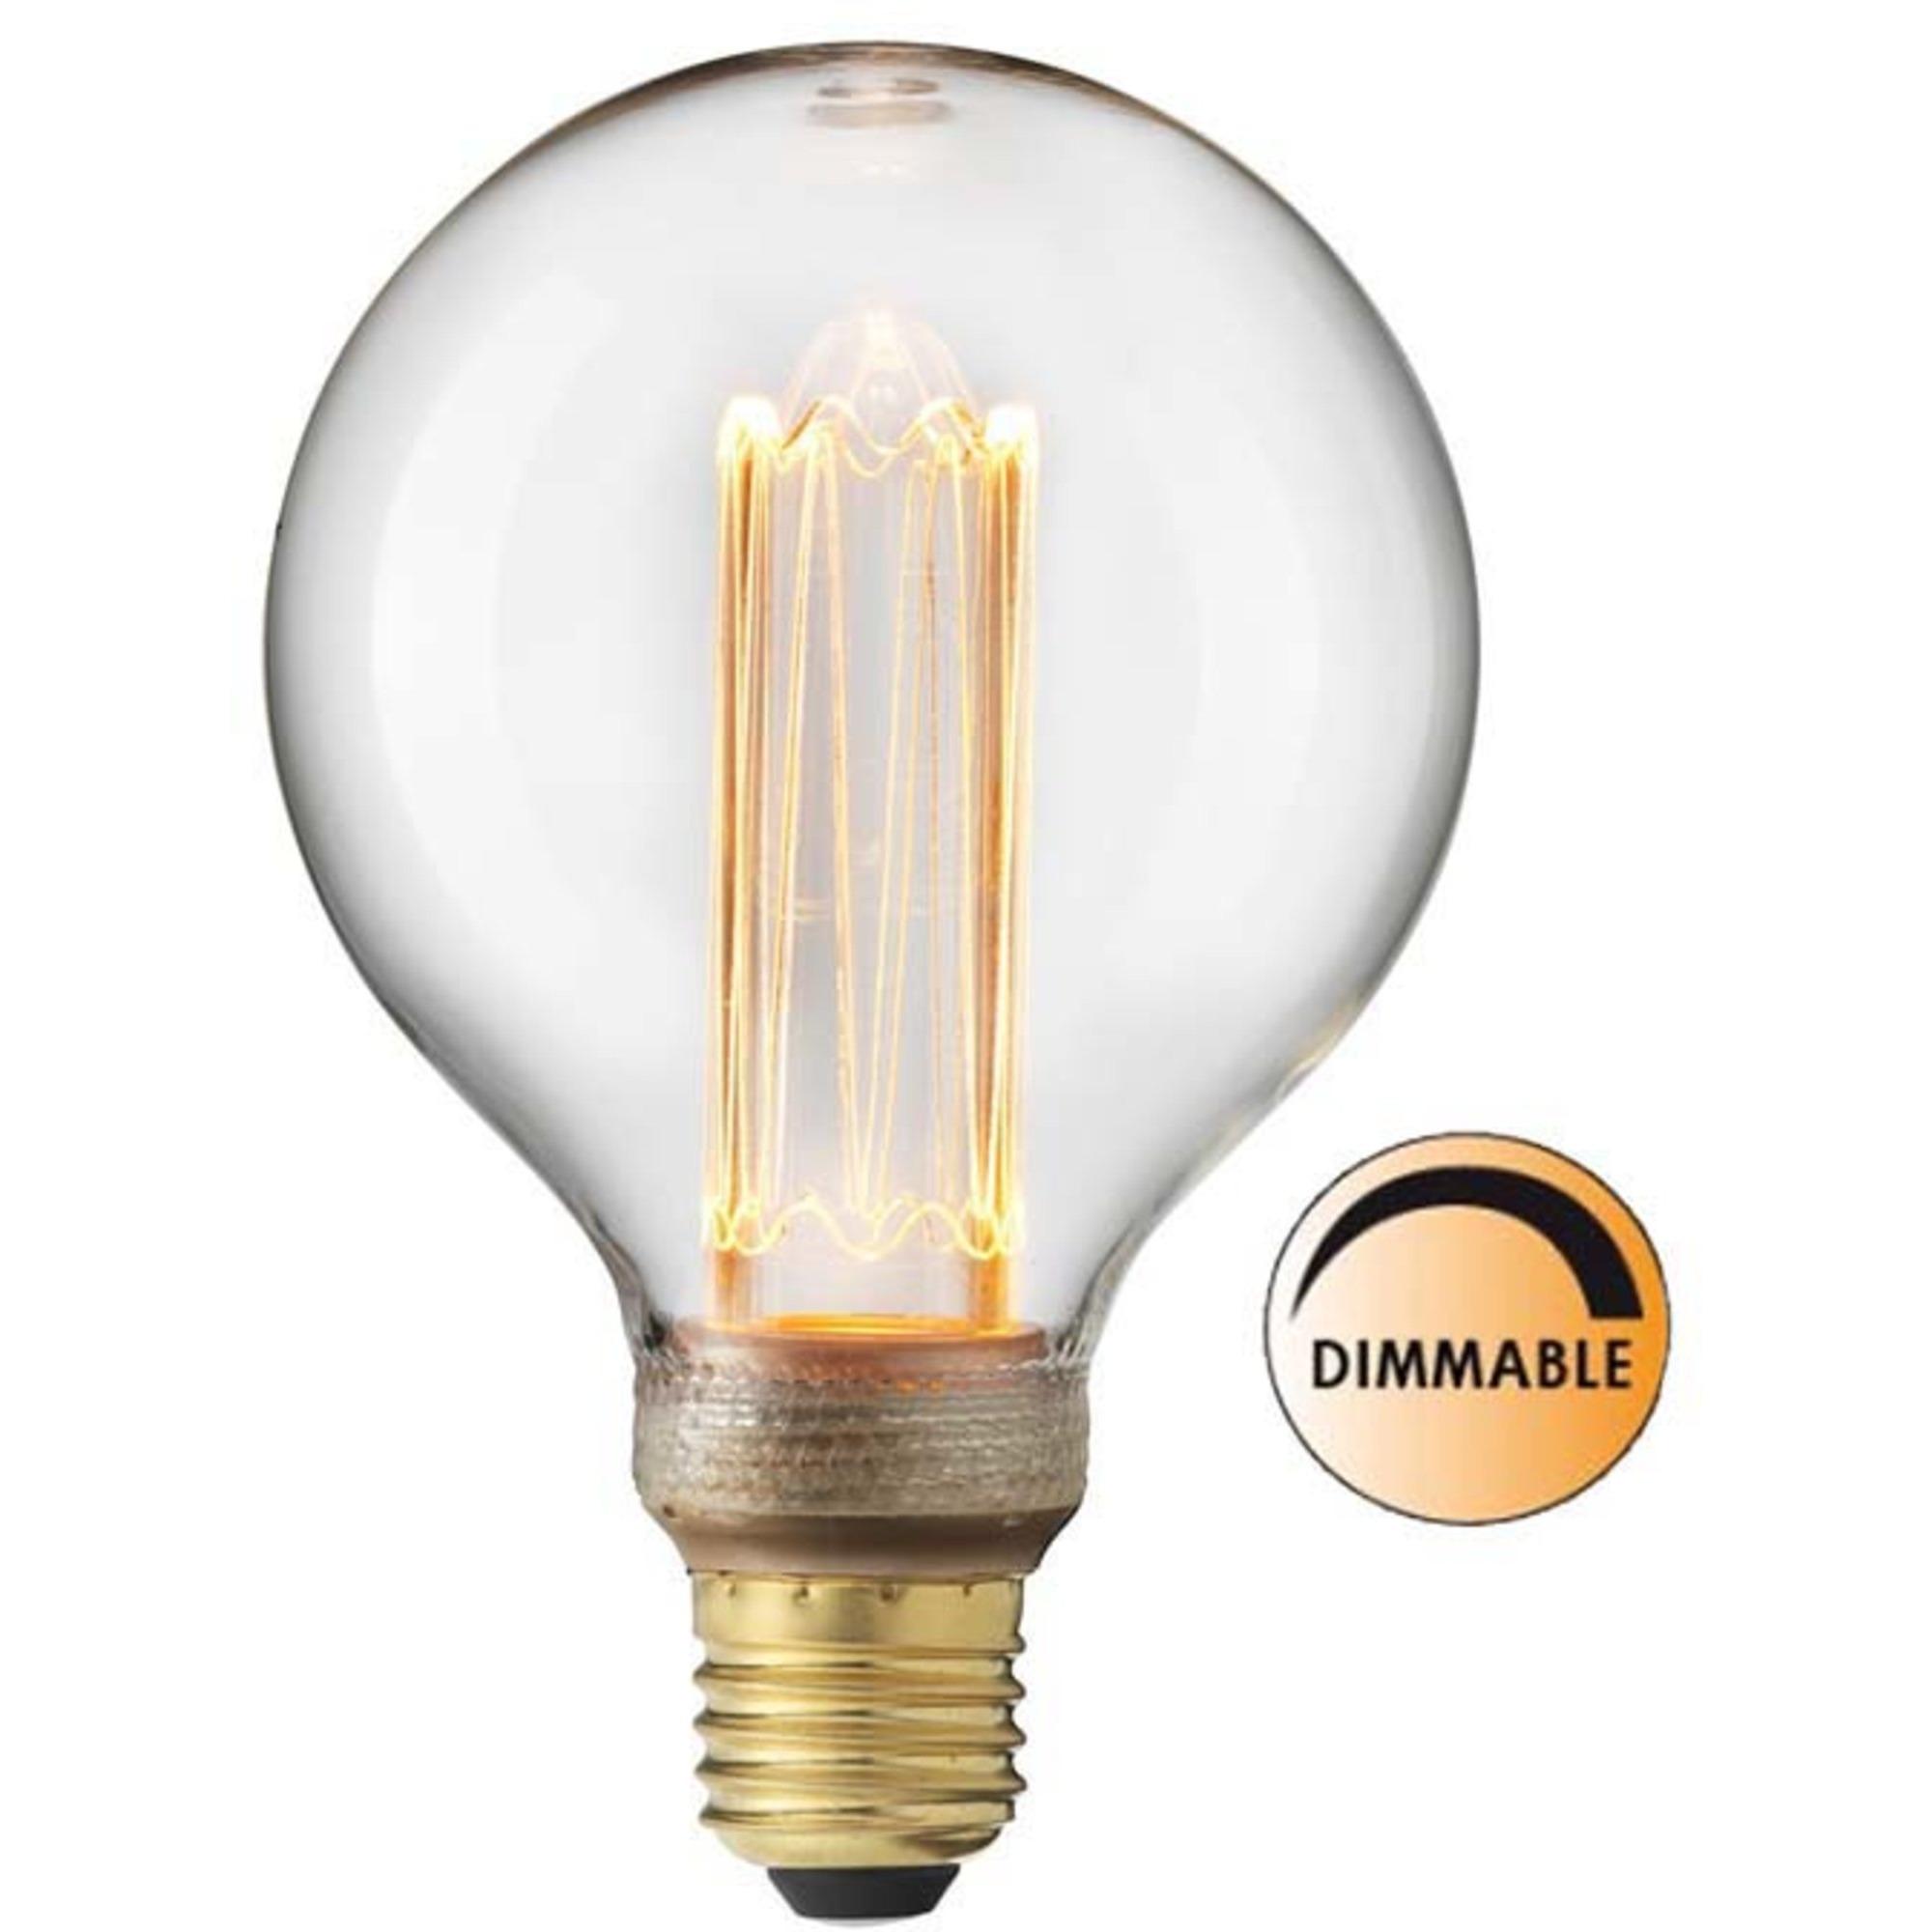 Globen Lighting Ljuskälla Laser LED Filament Klar Glob 95 mm E27